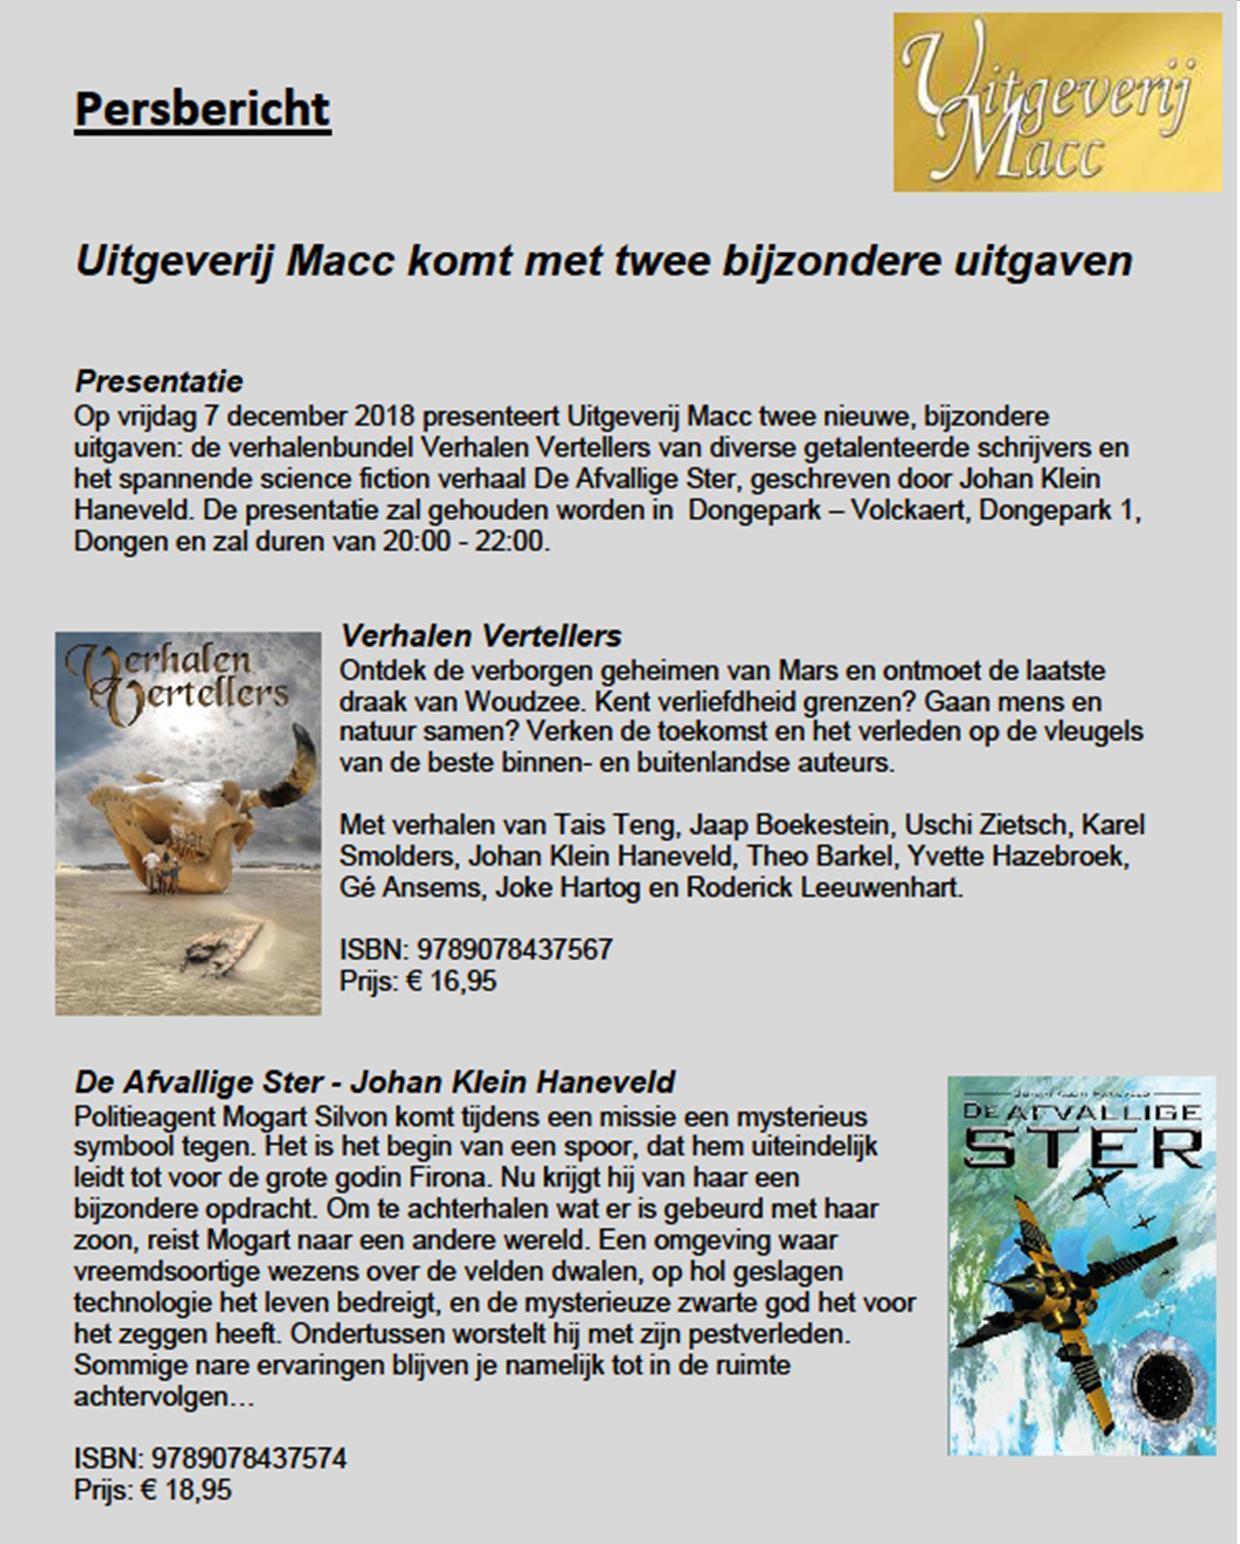 persbericht-uitgeverij-macc